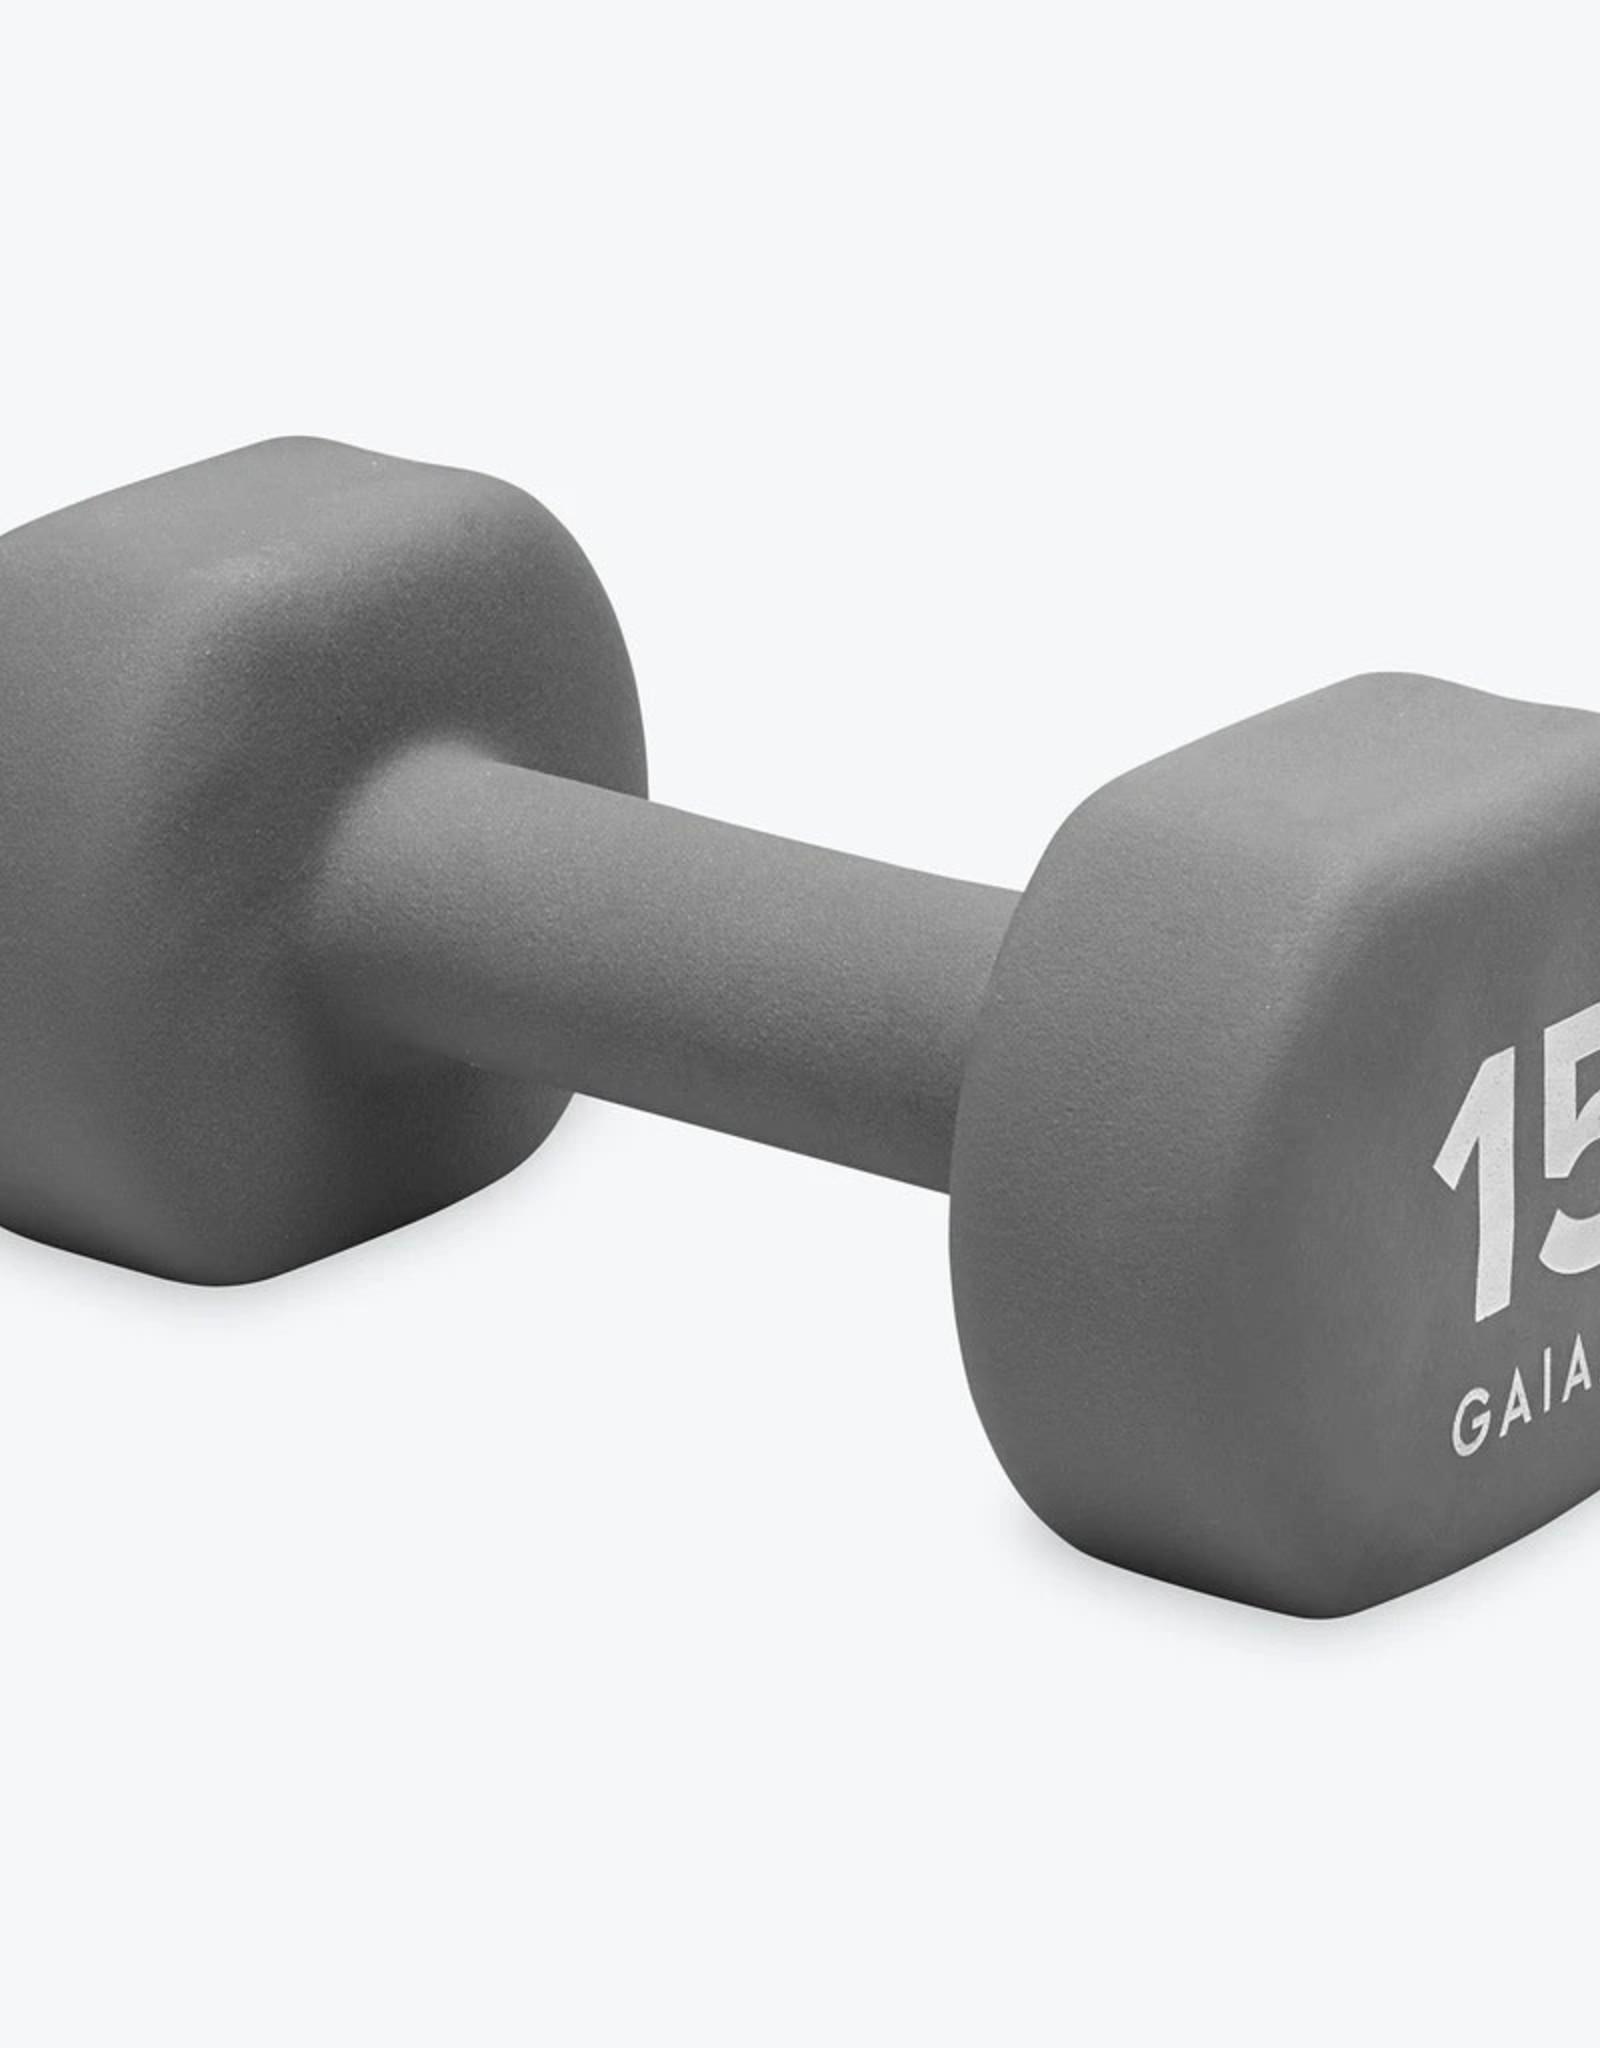 Gaiam Gaiam Neoprene Hand Weights (Single)